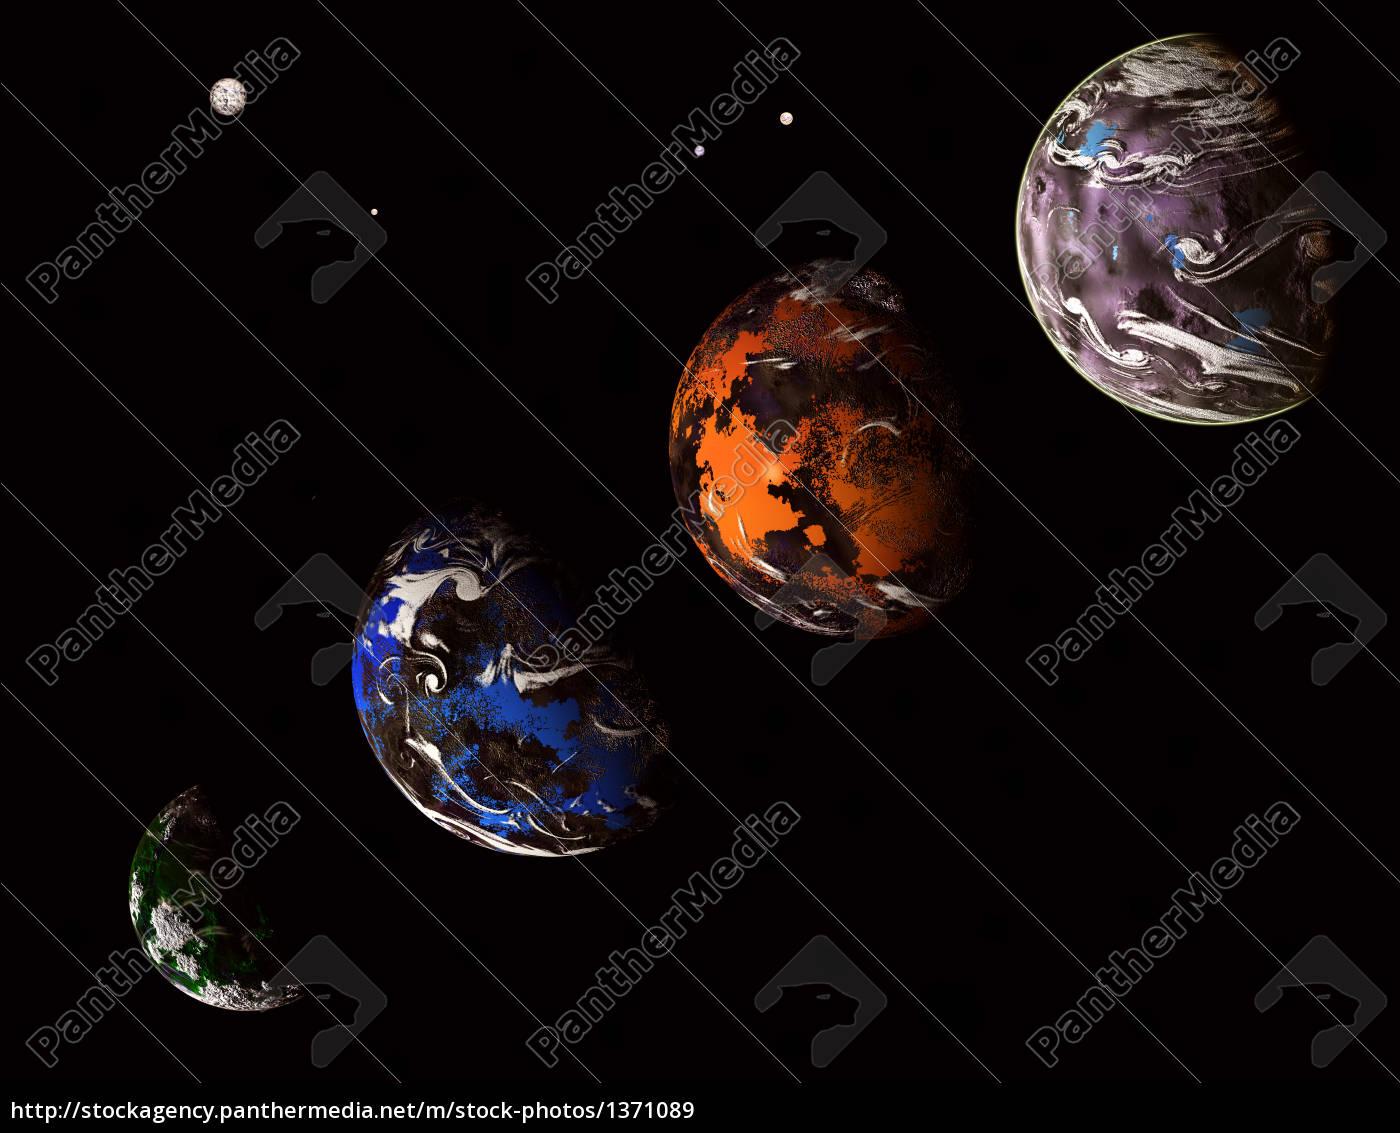 alien - 1371089